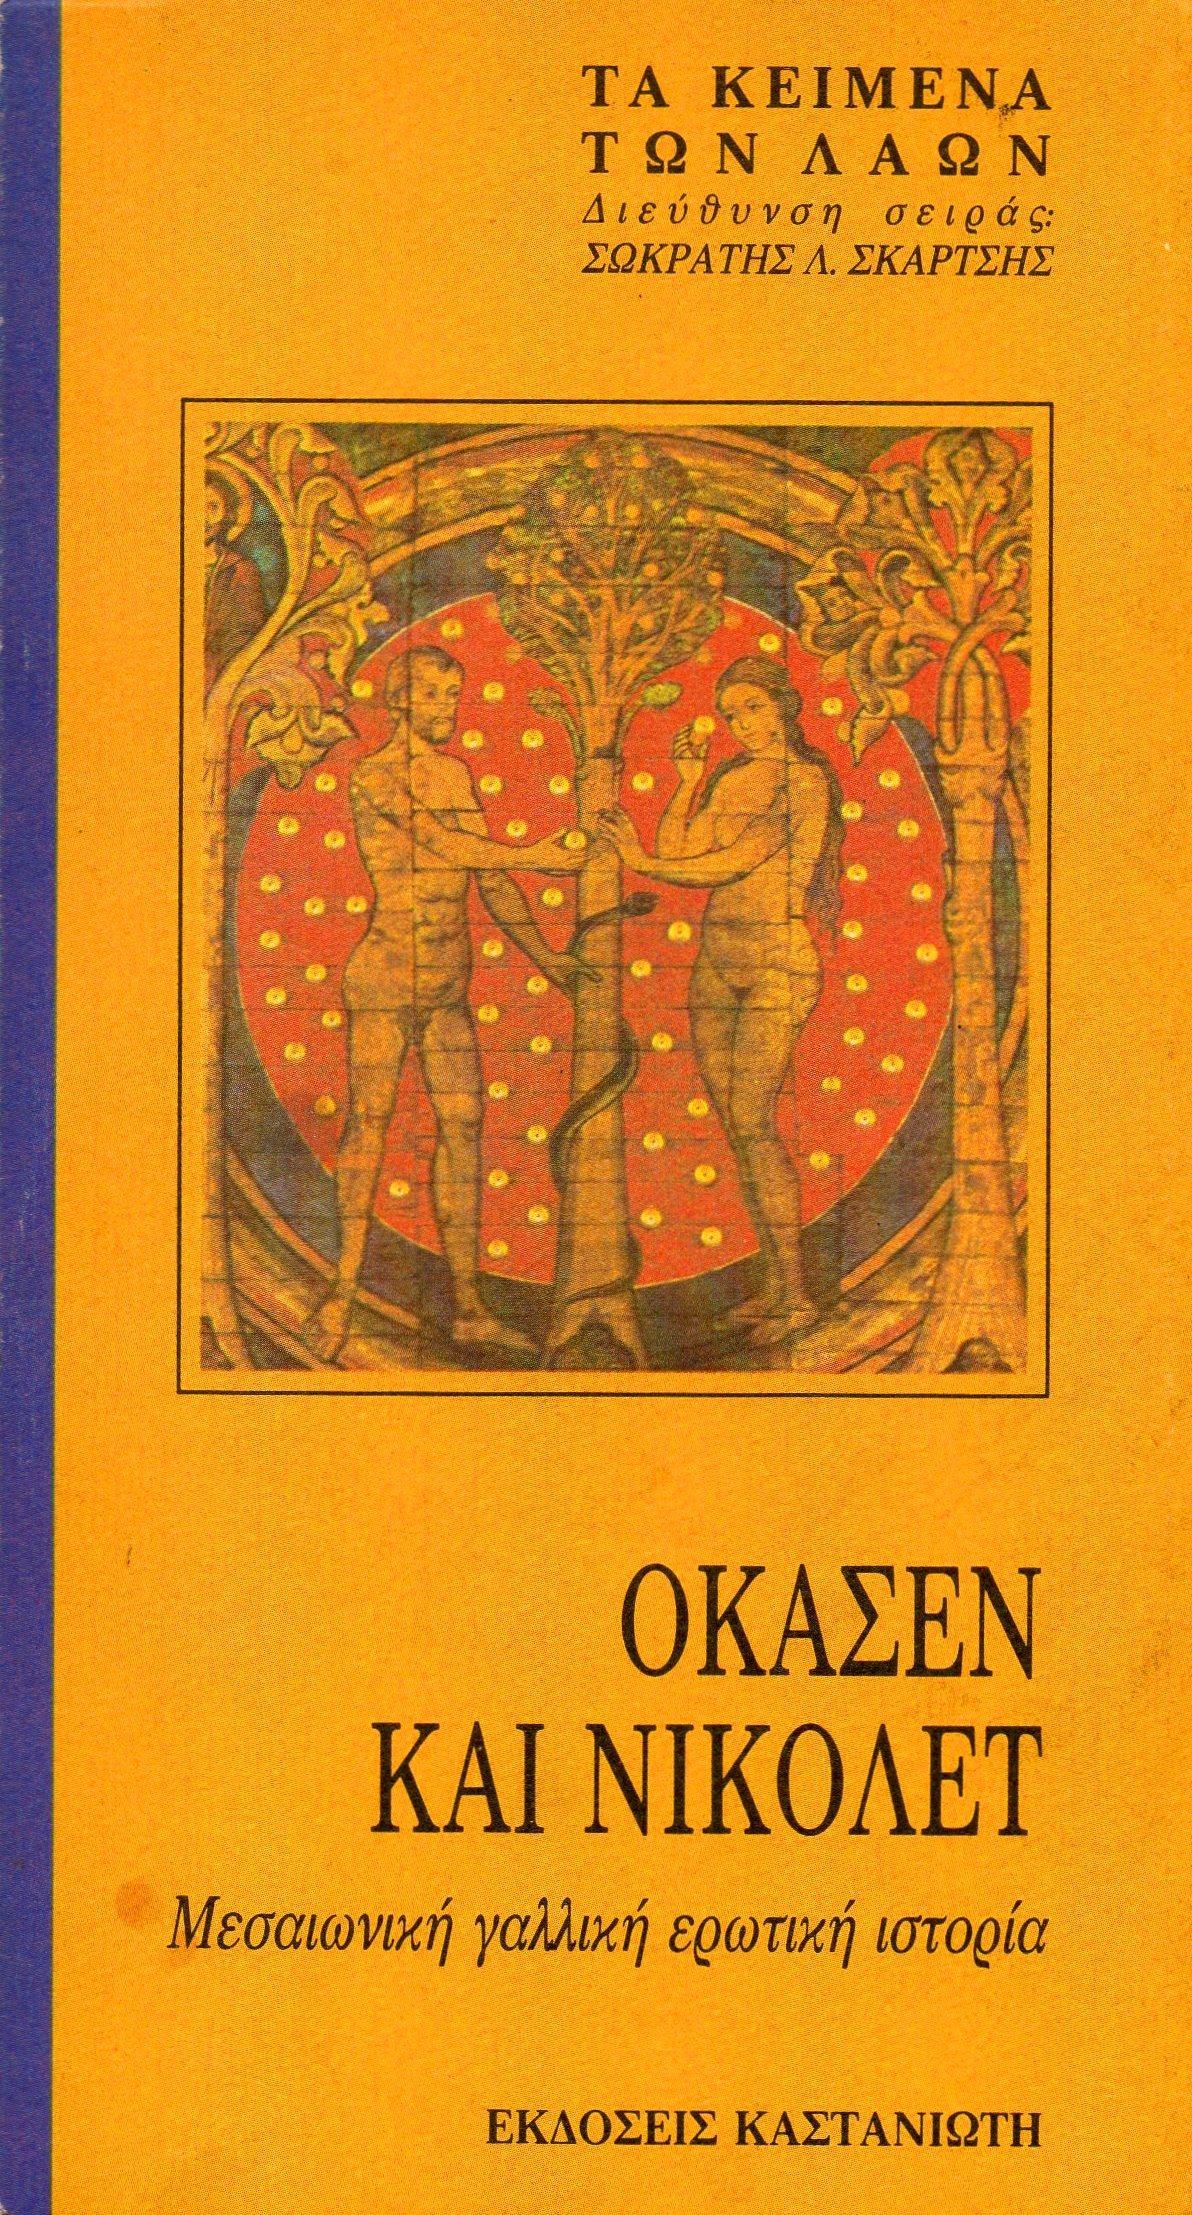 Οκασέν και Νικολέτ Anonymous